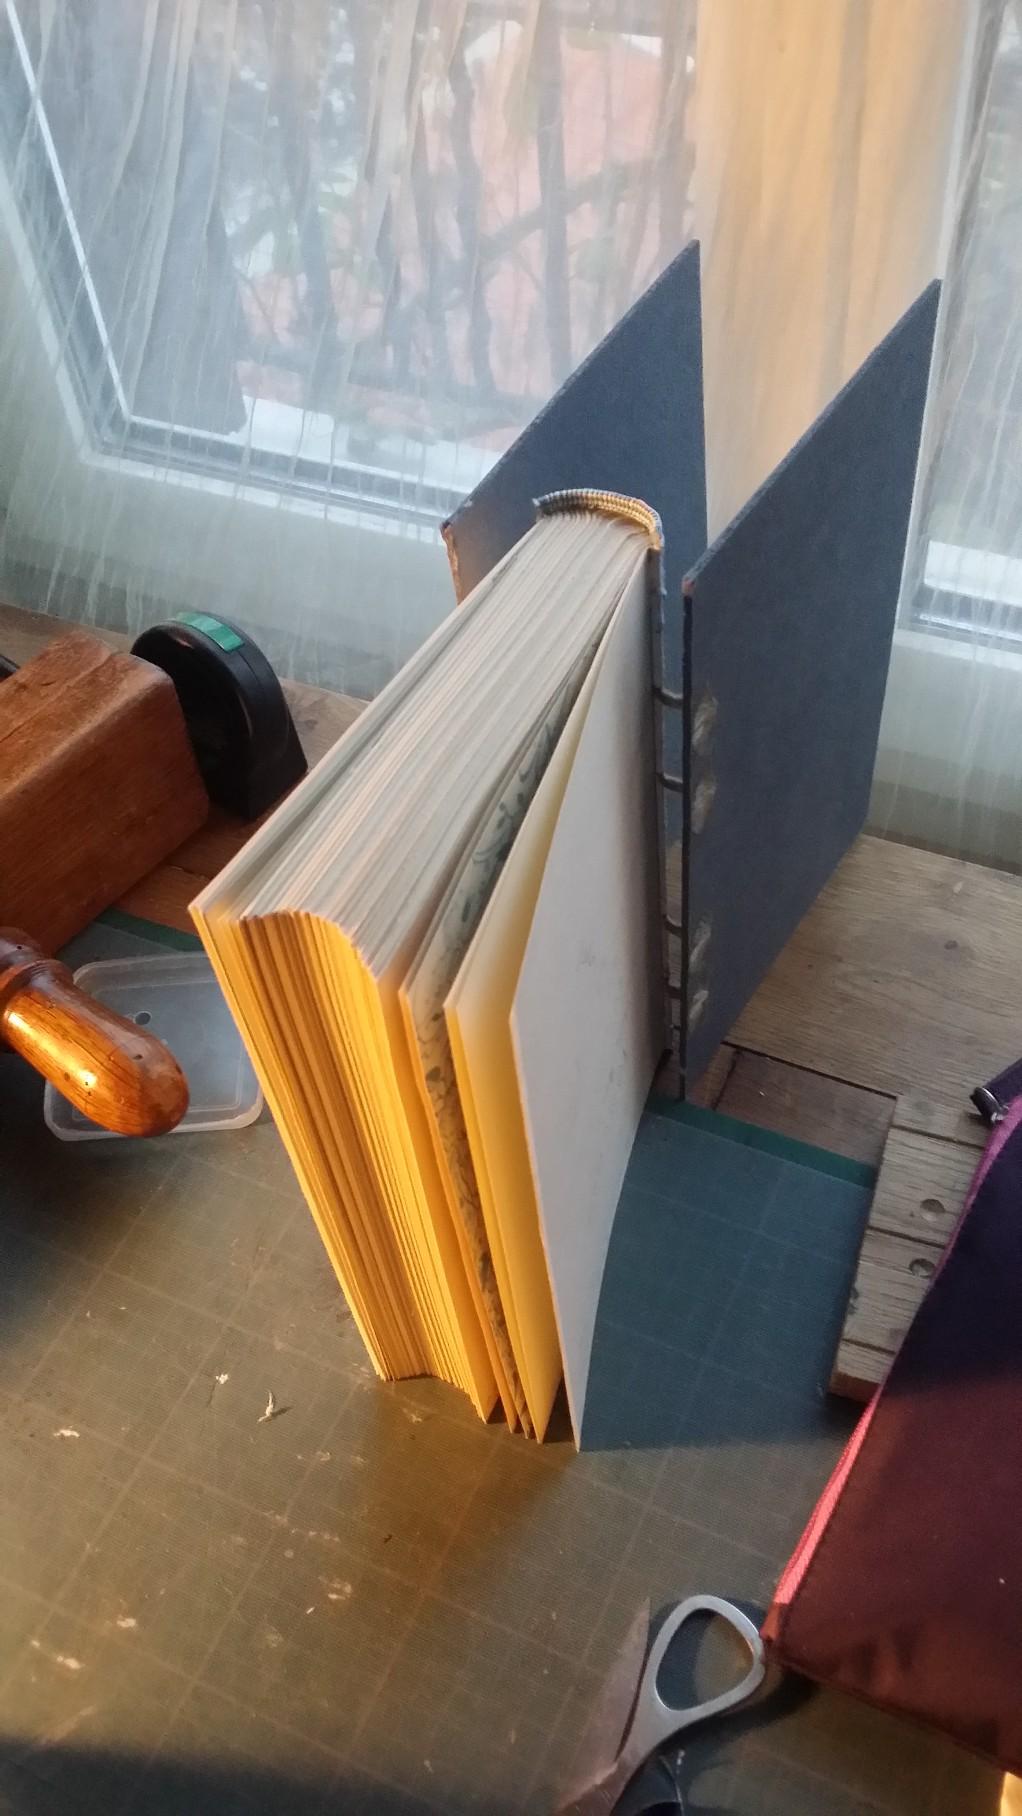 Vues d'un livre en cours de reliure, après la pose de la tranchefile et avant la pose des papiers kraft.